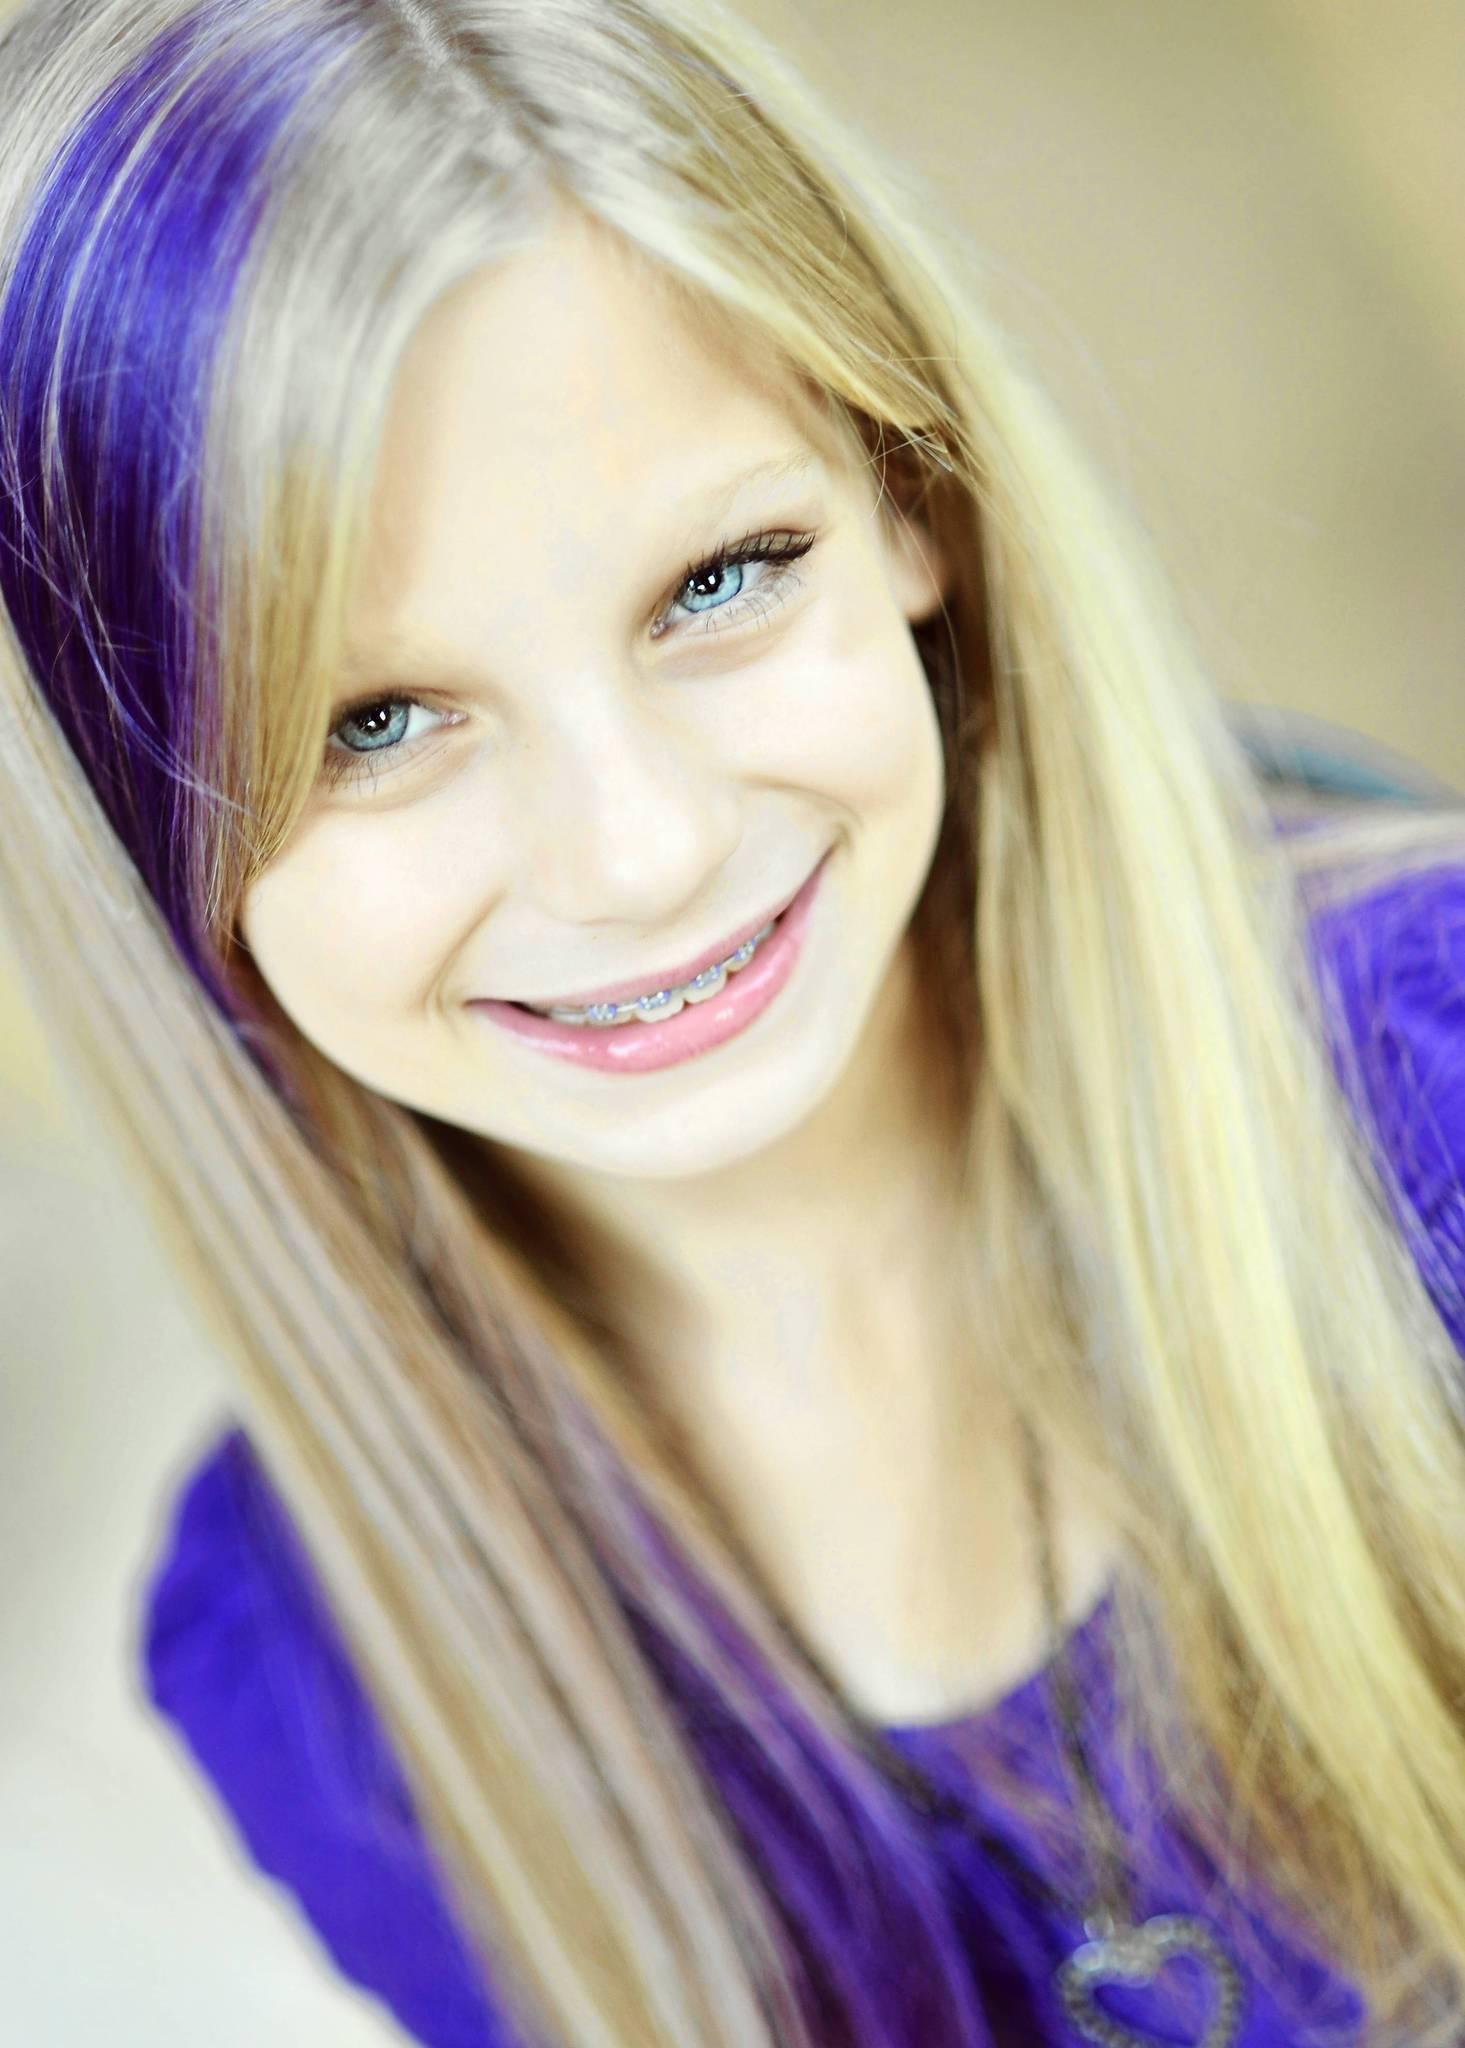 Tween Daughter Wants Blue Hair Chicago Tribune